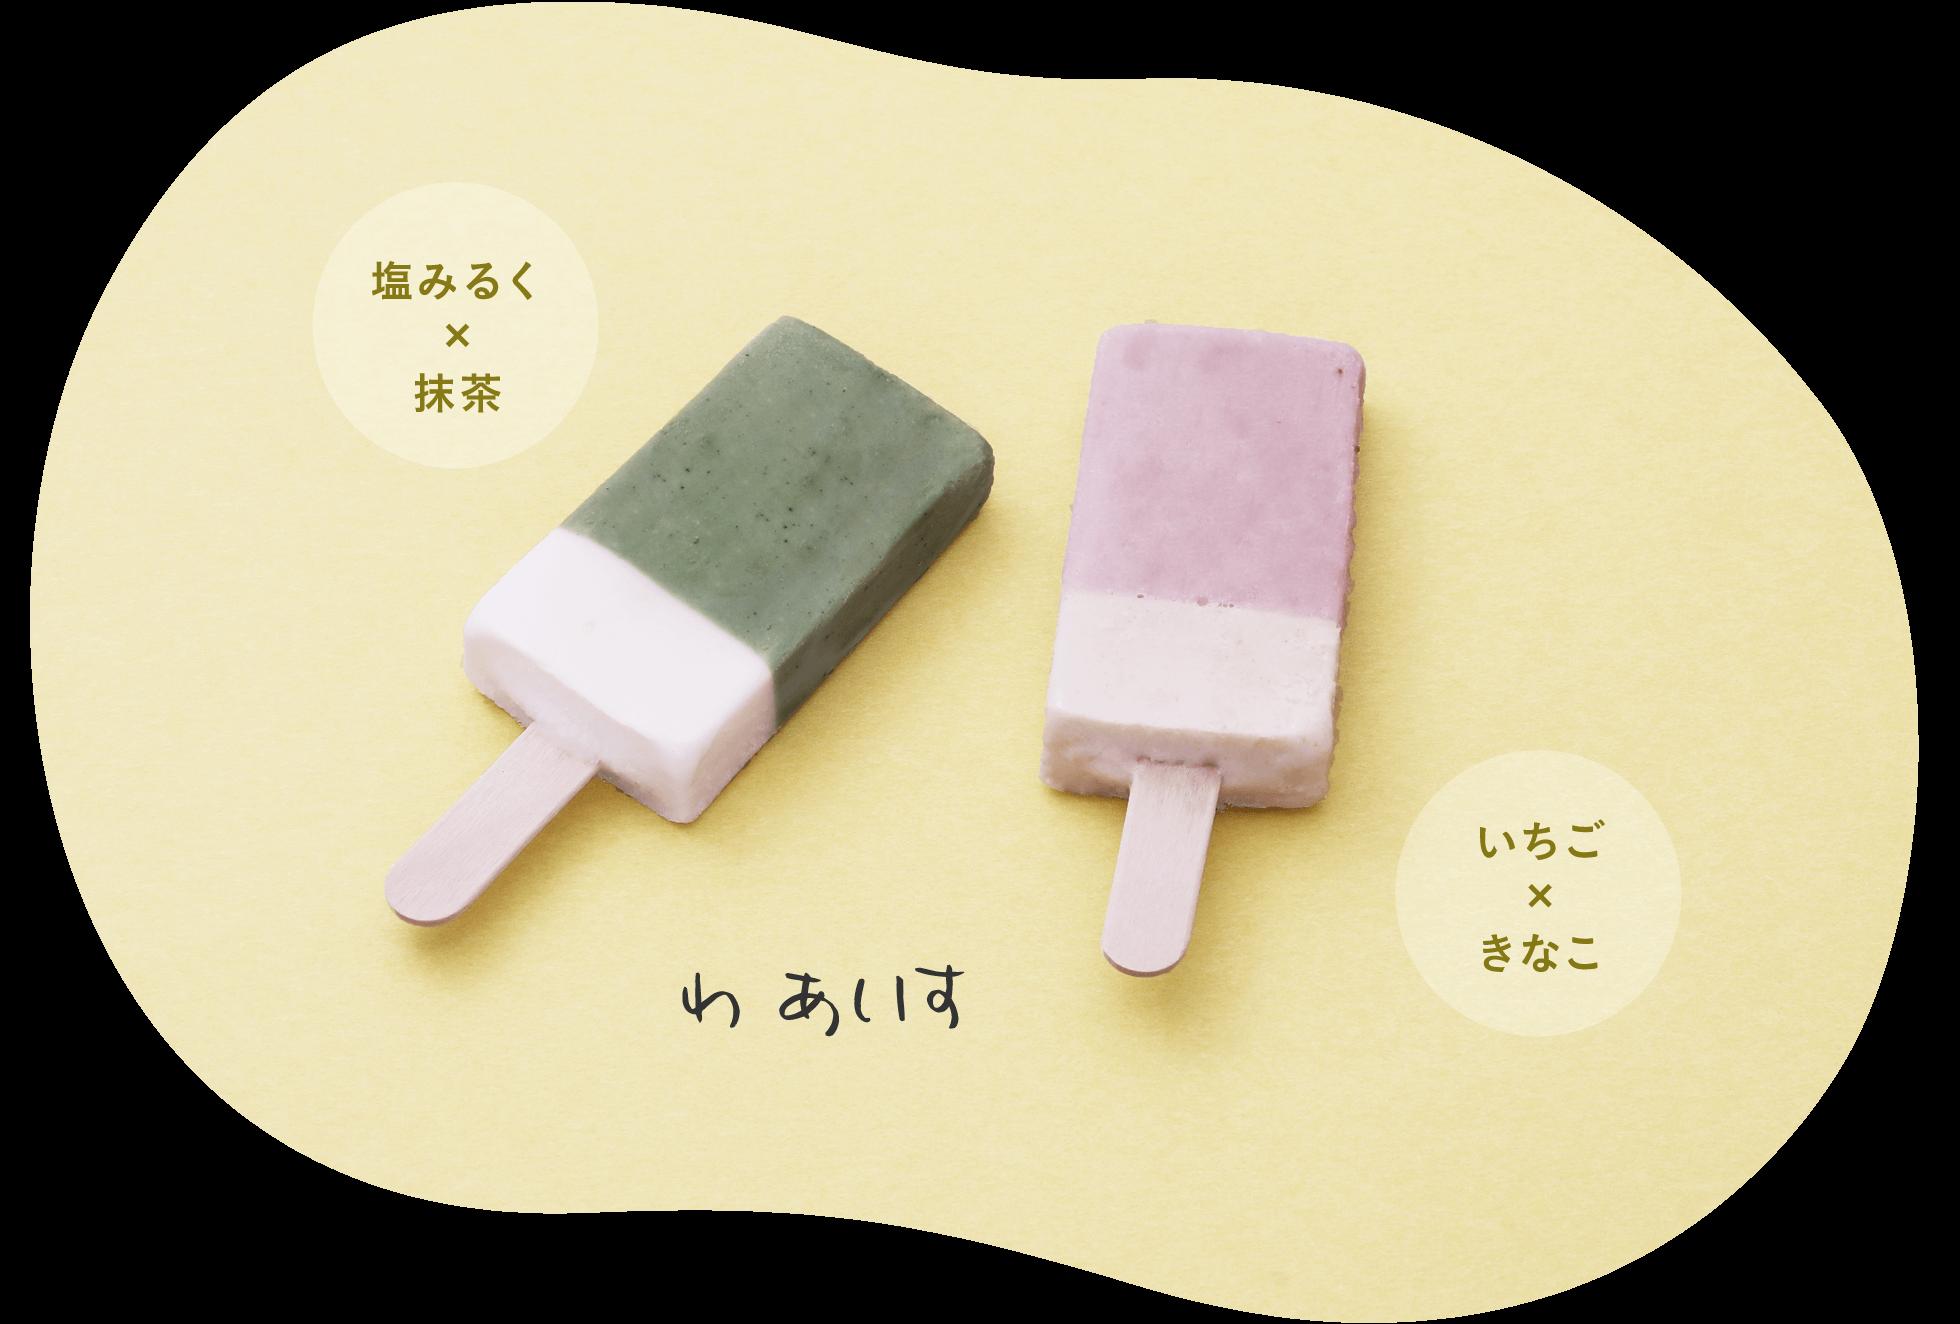 わあいす(塩ミルク×抹茶・いちご×きなこ)